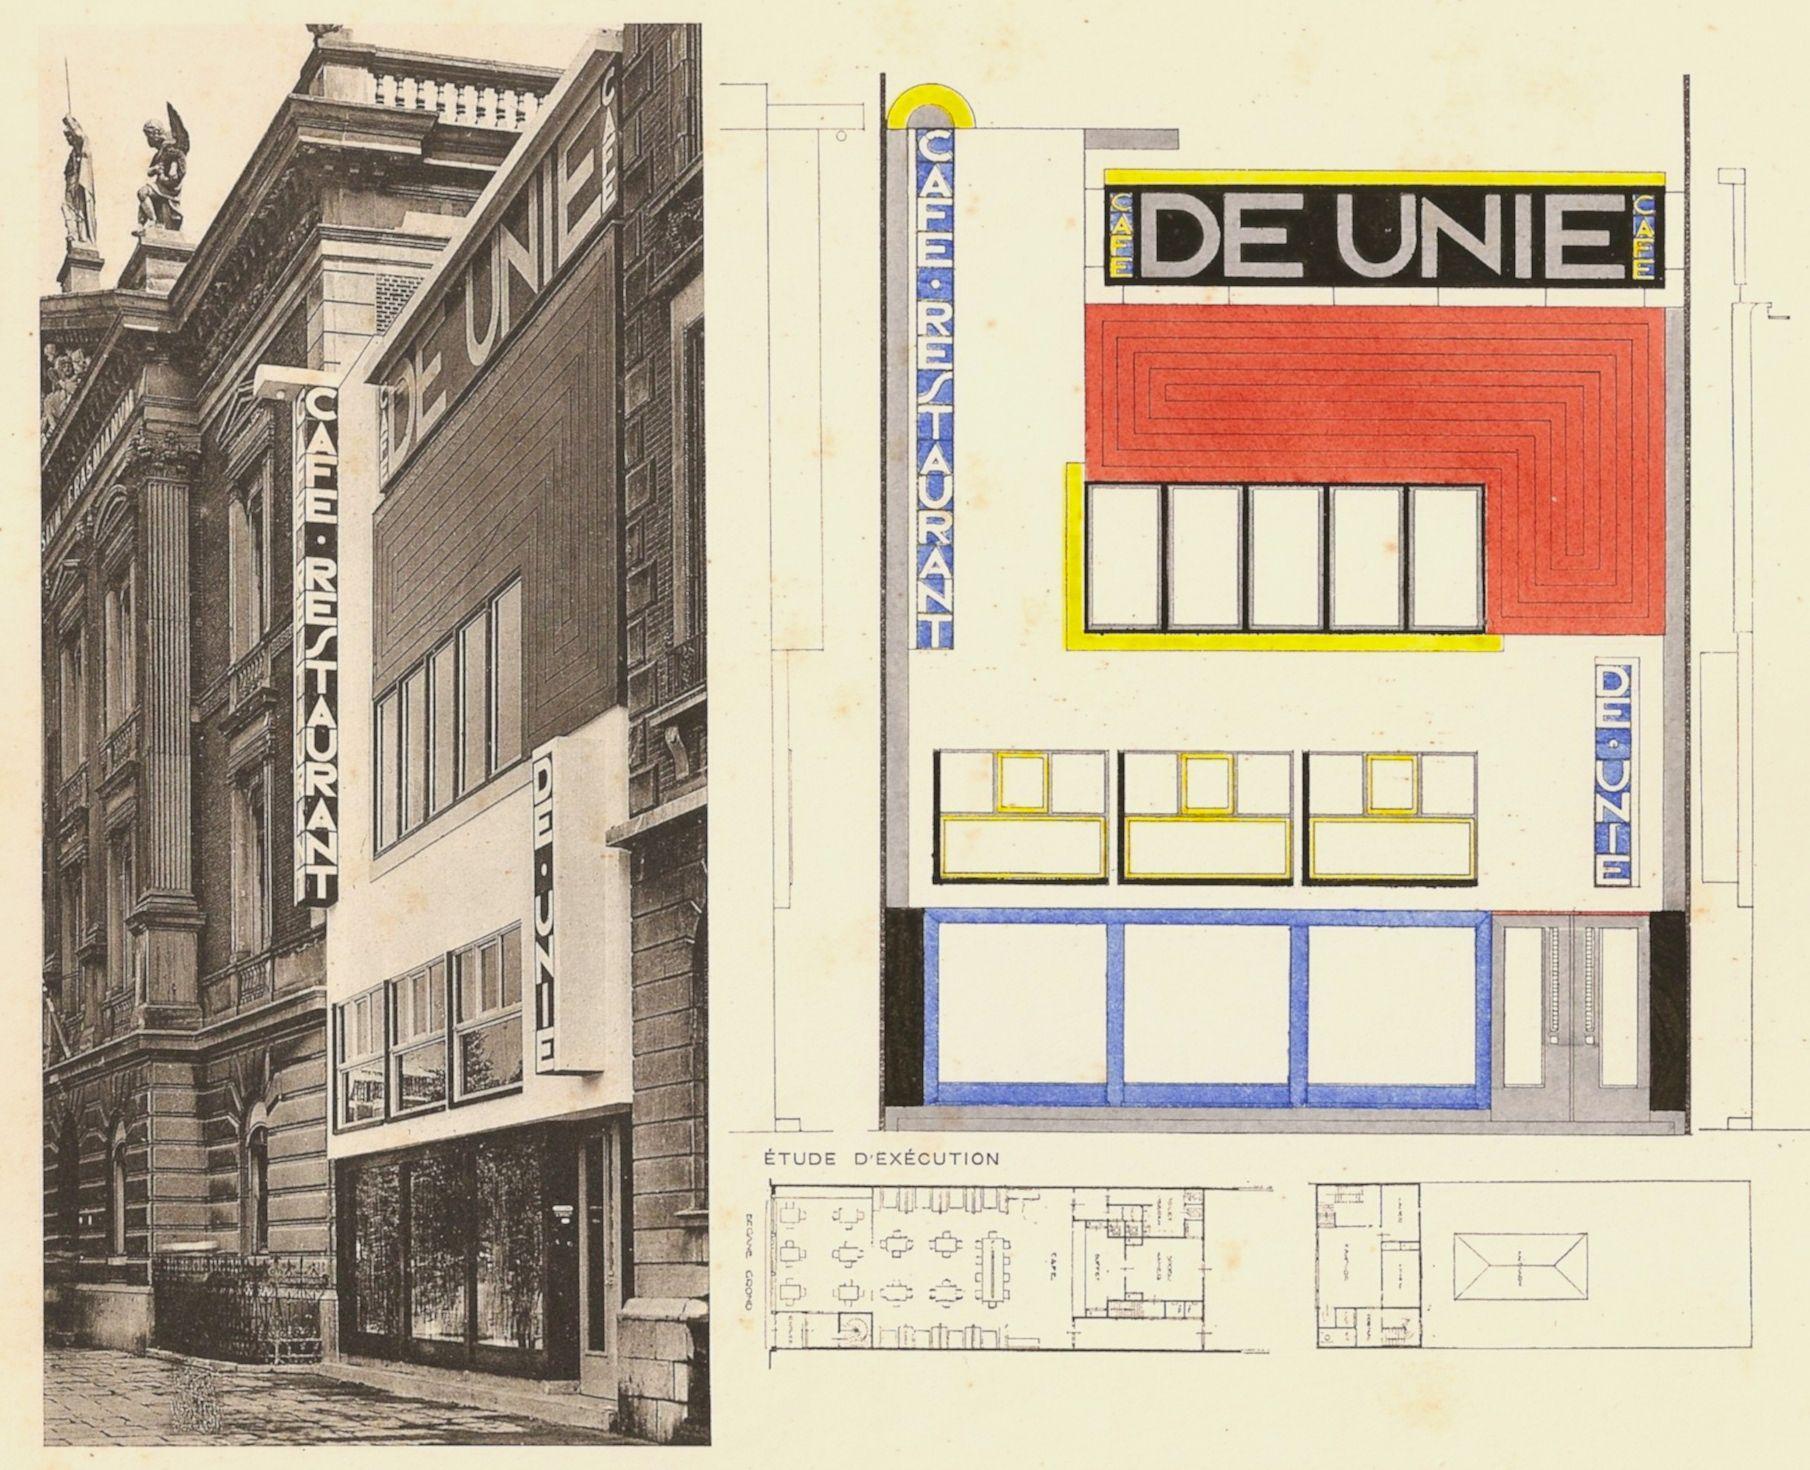 Favoriete J.J.P Oud, CAFE DE UNIE, 1925, Rotterdam | stuff | Pinterest @IH77